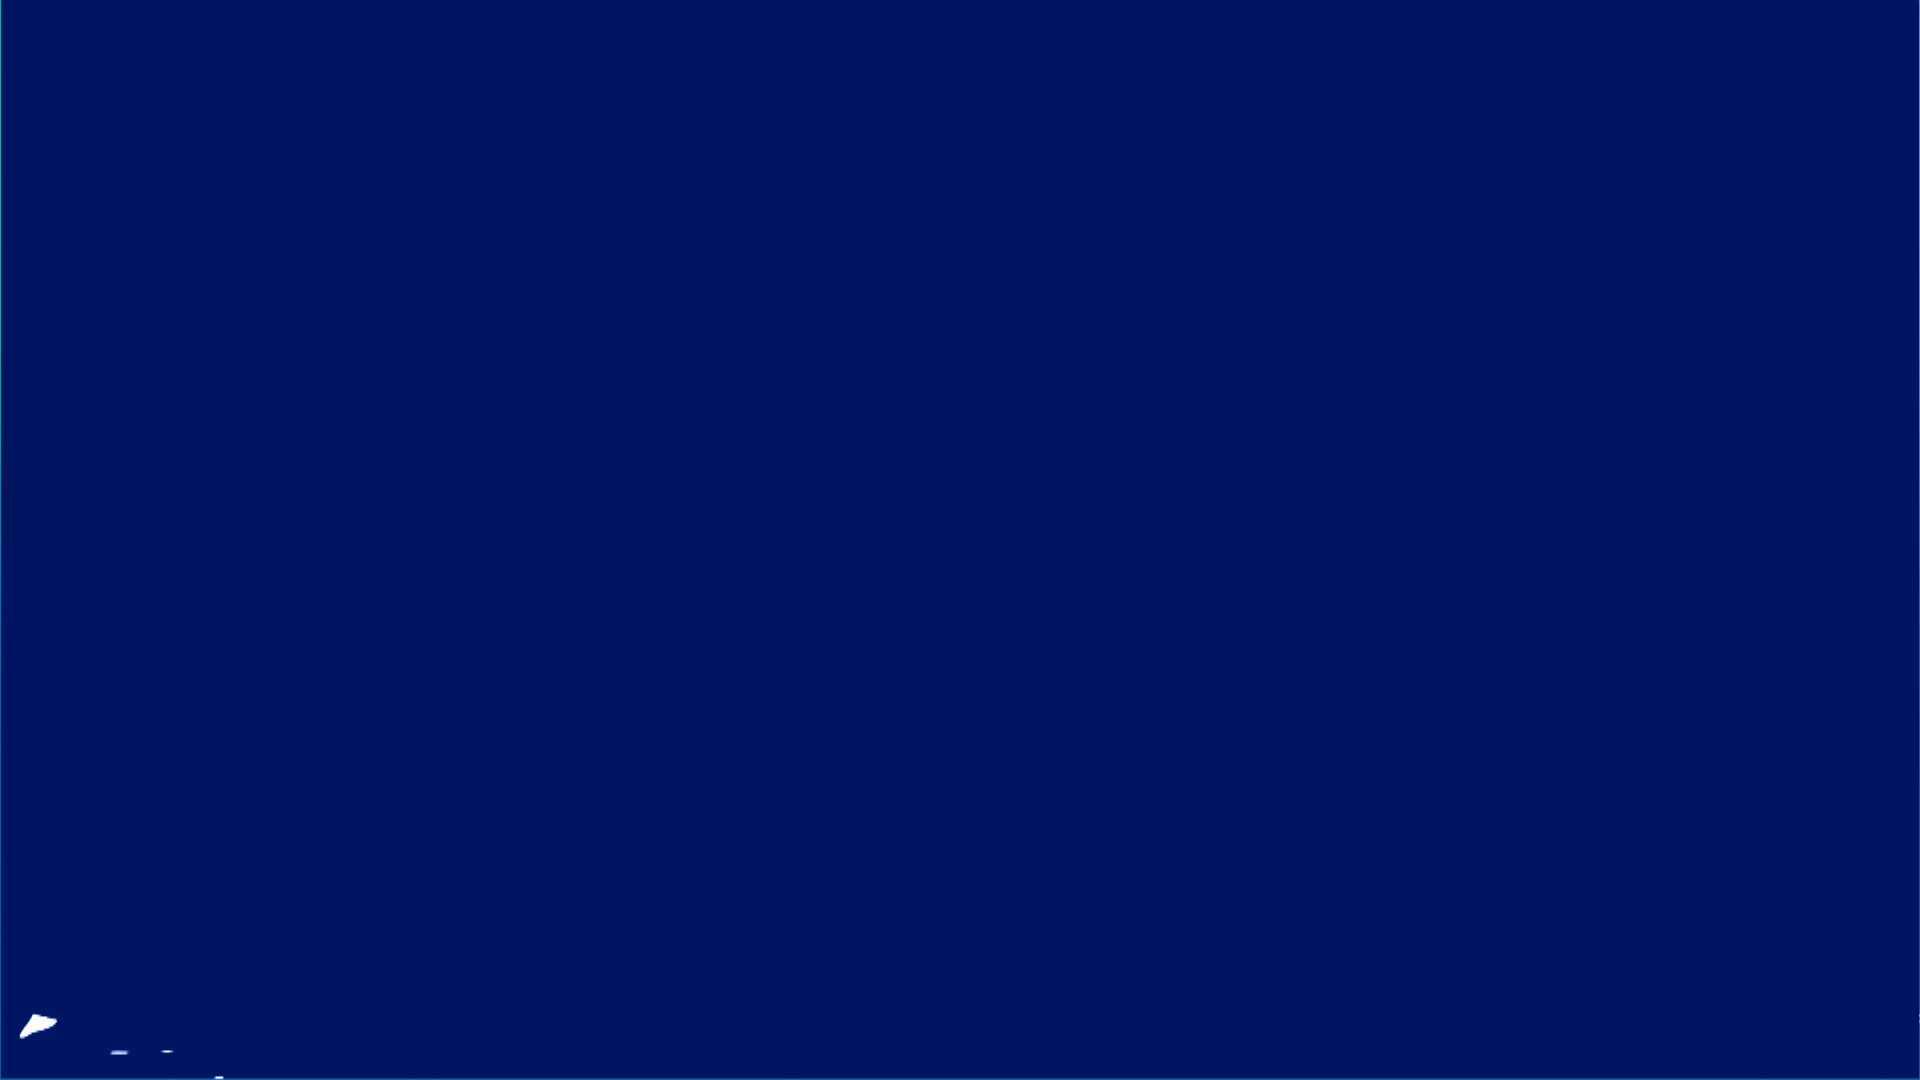 [#드림캐쳐마인드] EP01. 펜션임파서블 '수상한 펜션'